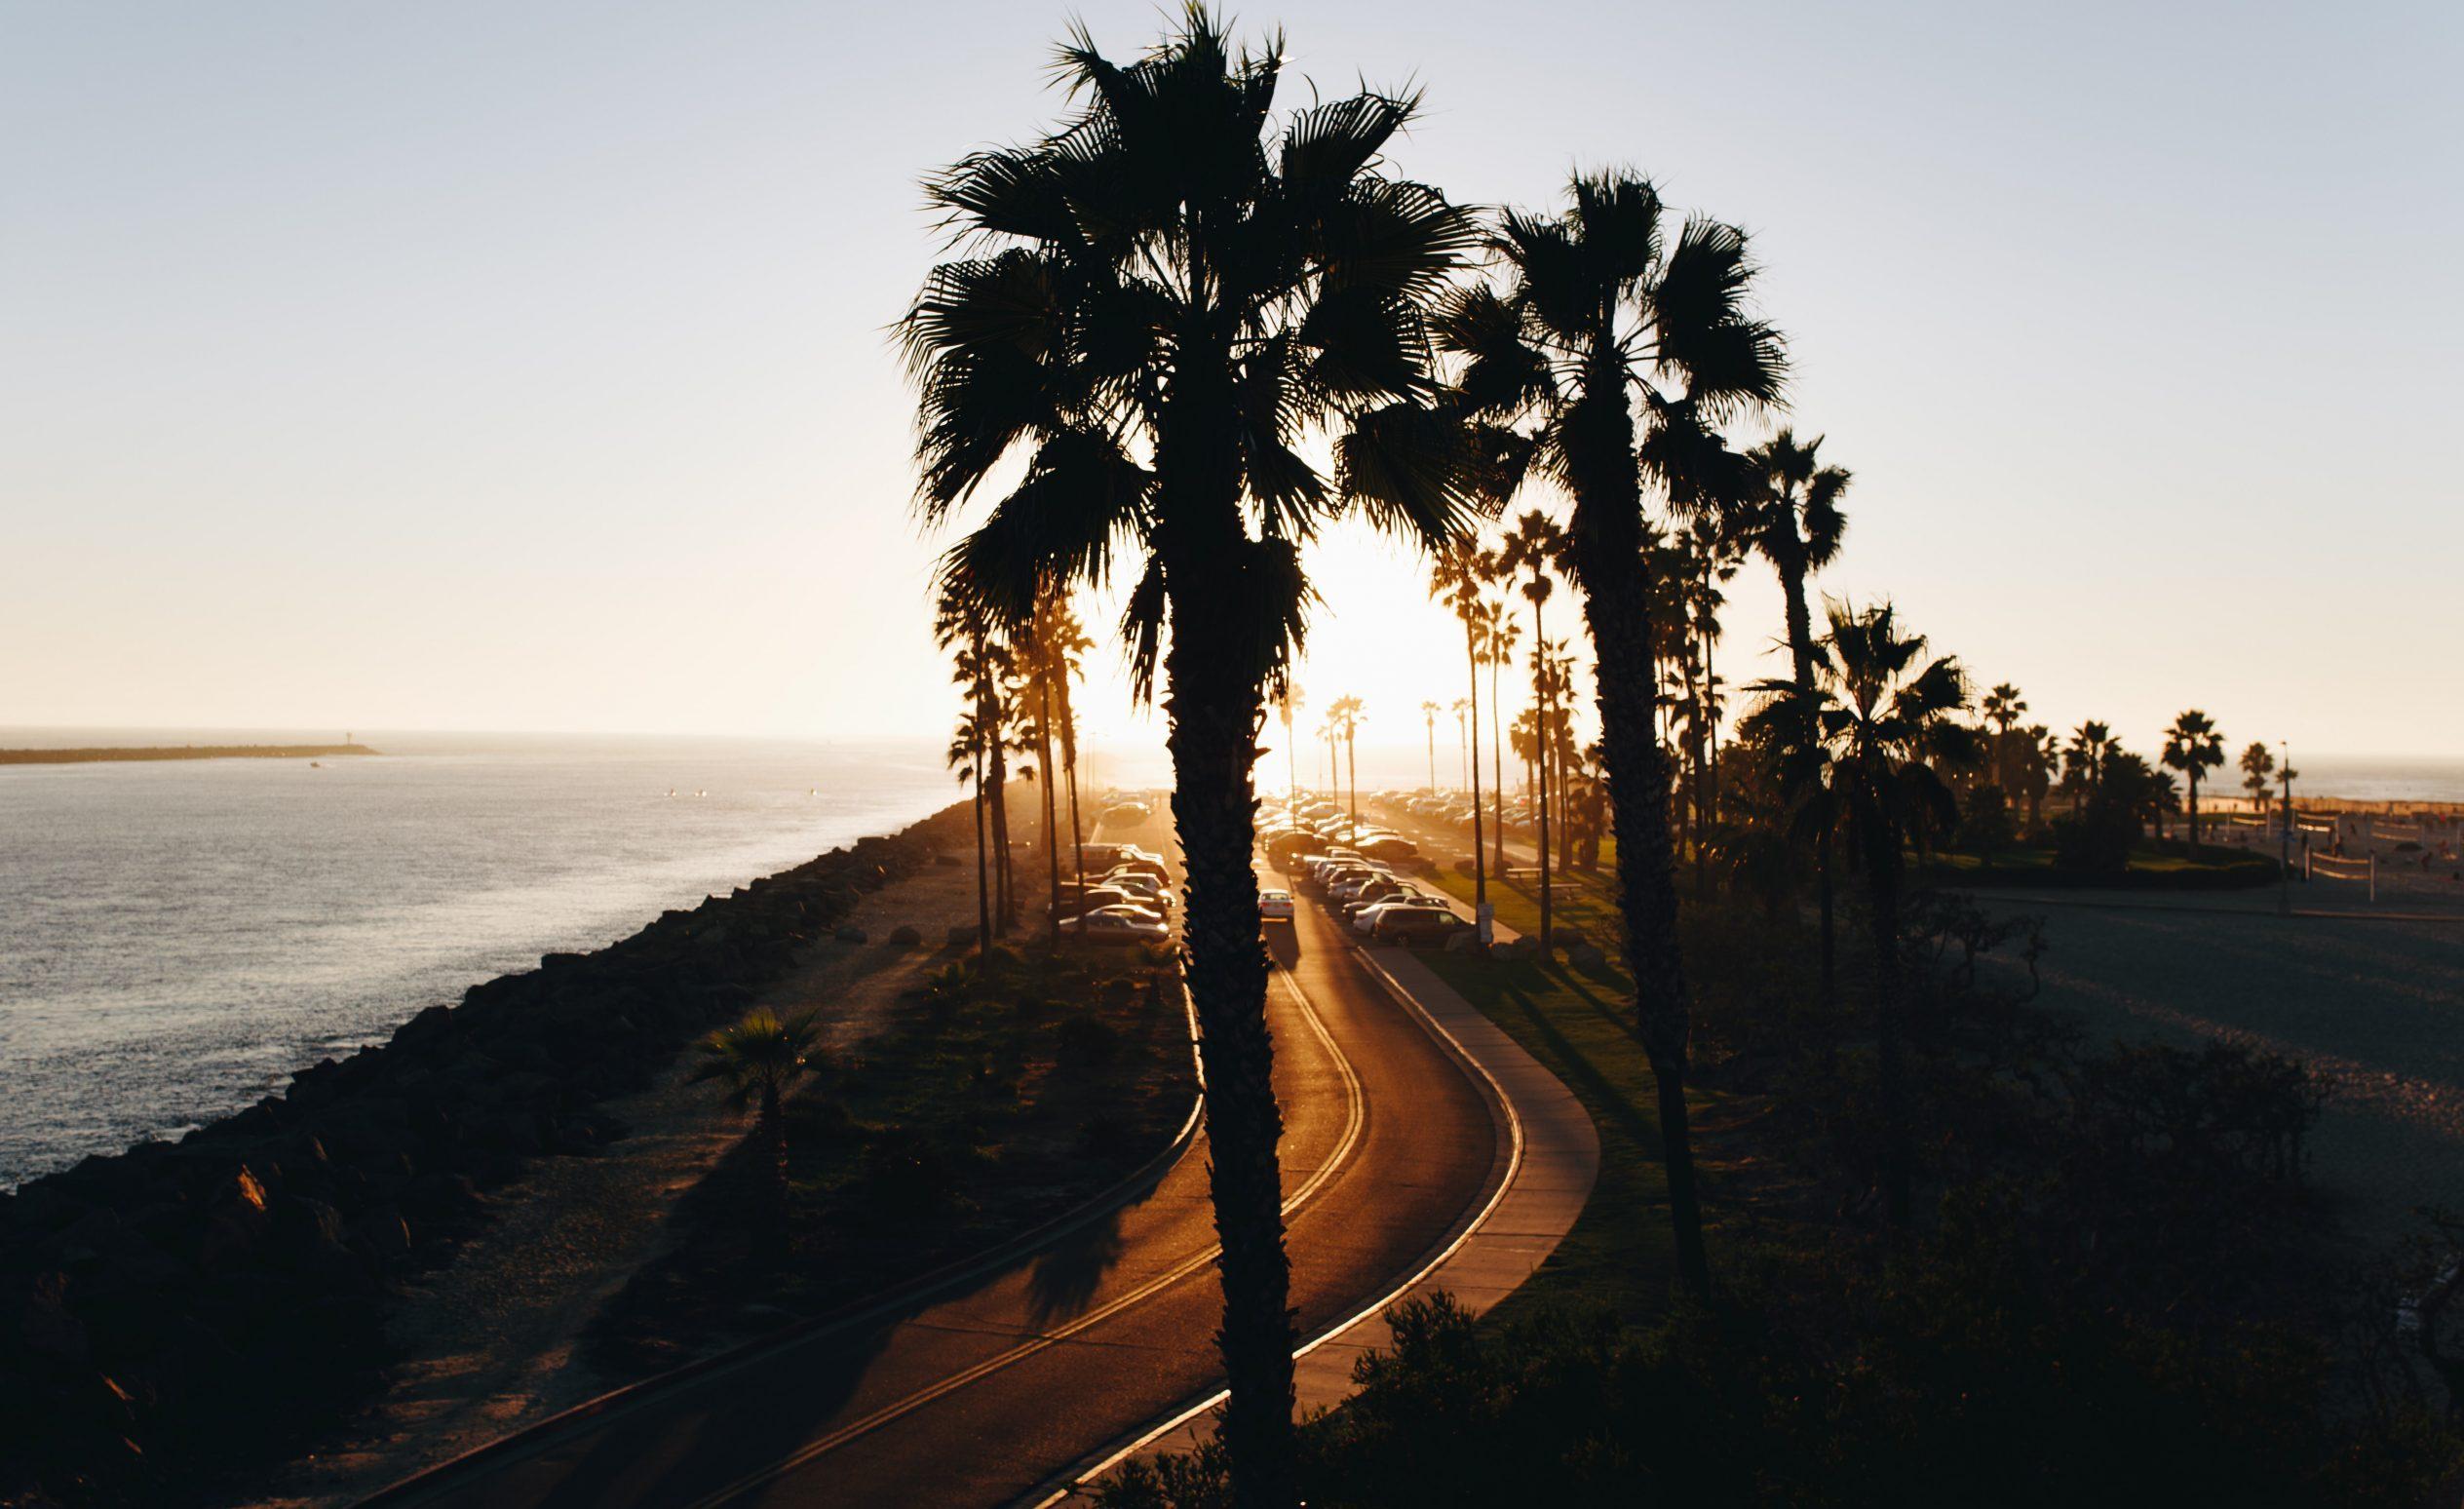 costa california: cosa vedere